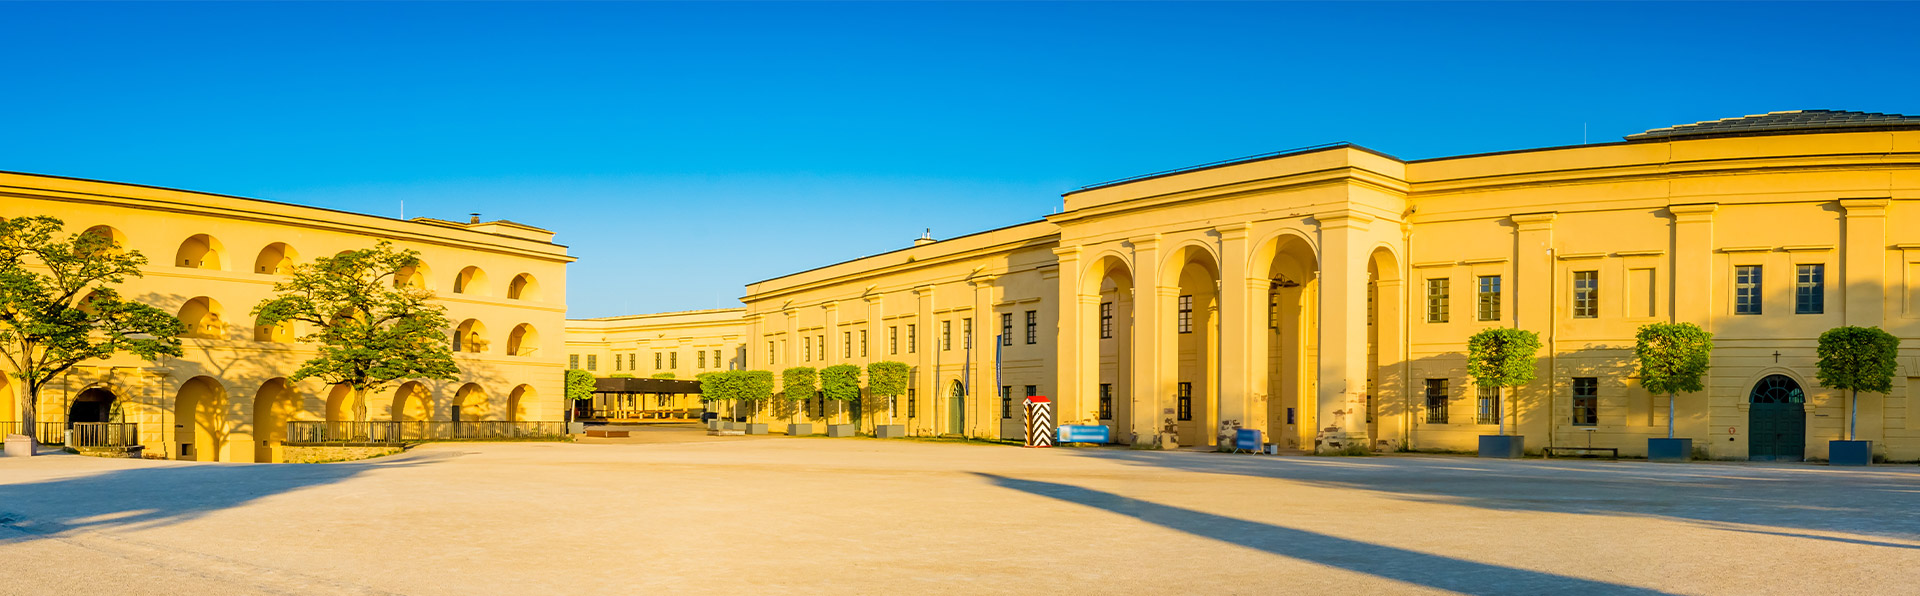 Großes öffentliches Gebäude